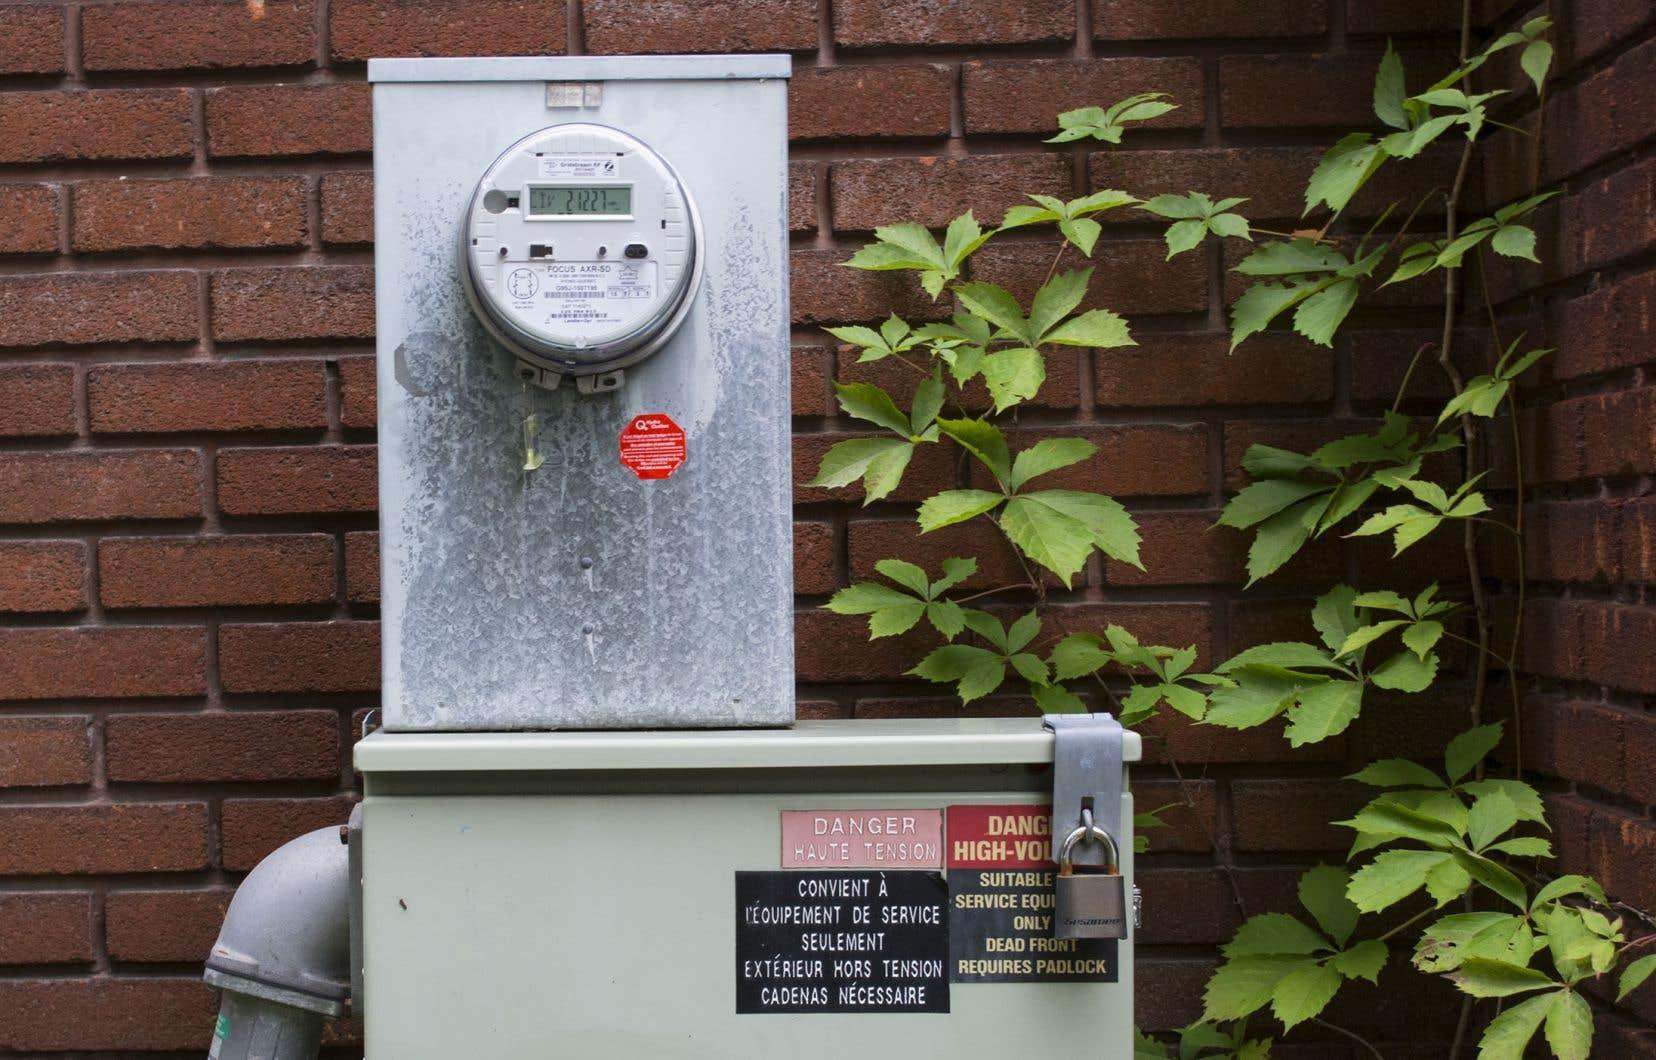 Depuis 2004, Hydro-Québec dépose annuellement un dossier tarifaire devant la Régie de l'énergie, notamment ses demandes pour l'année à venir.